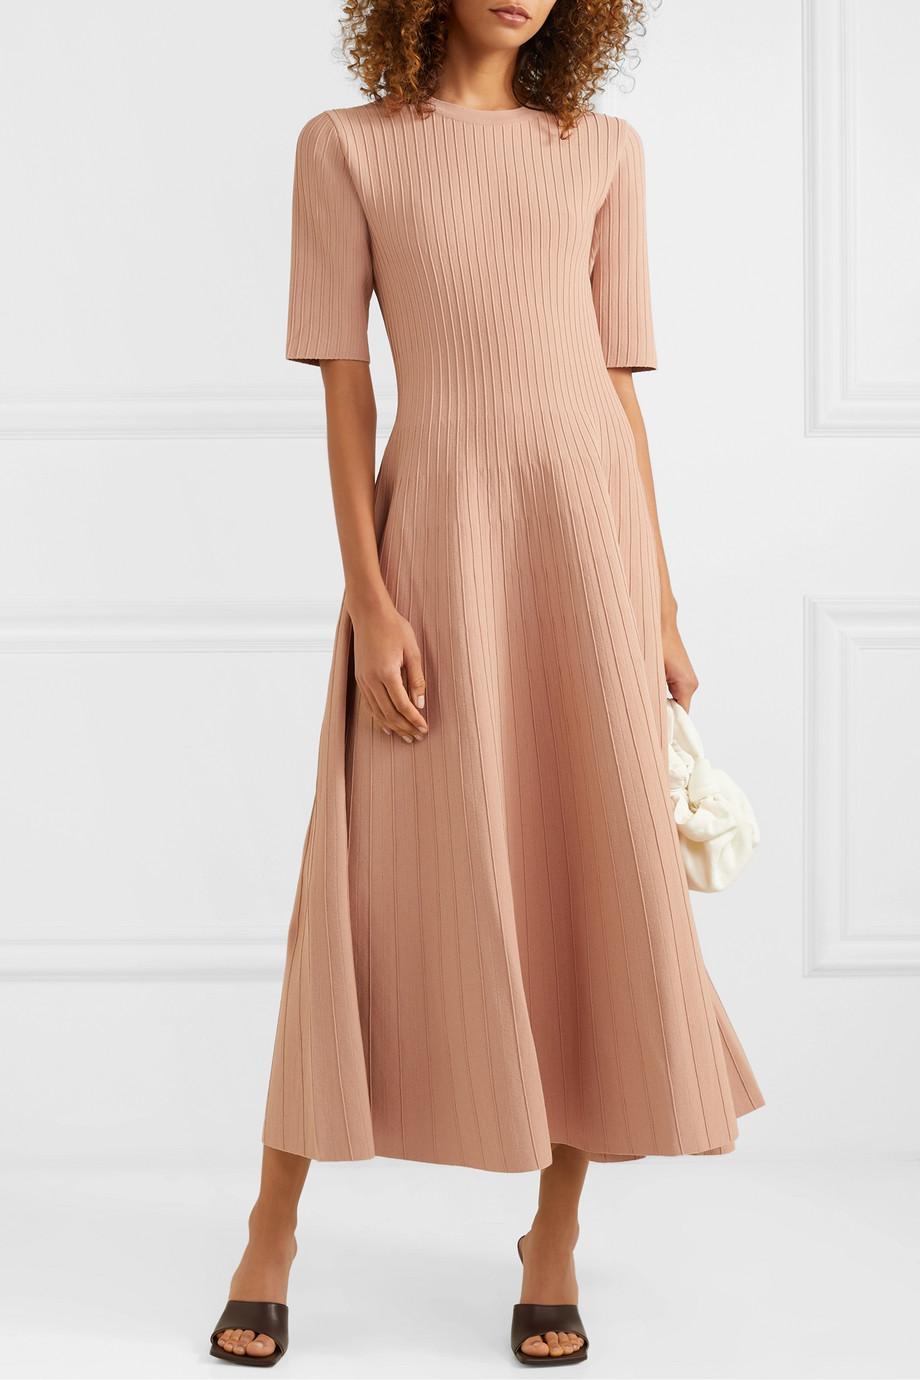 Casasola 1625 Knit Midi Dress Stretch Knit Dress Dresses [ 1380 x 920 Pixel ]